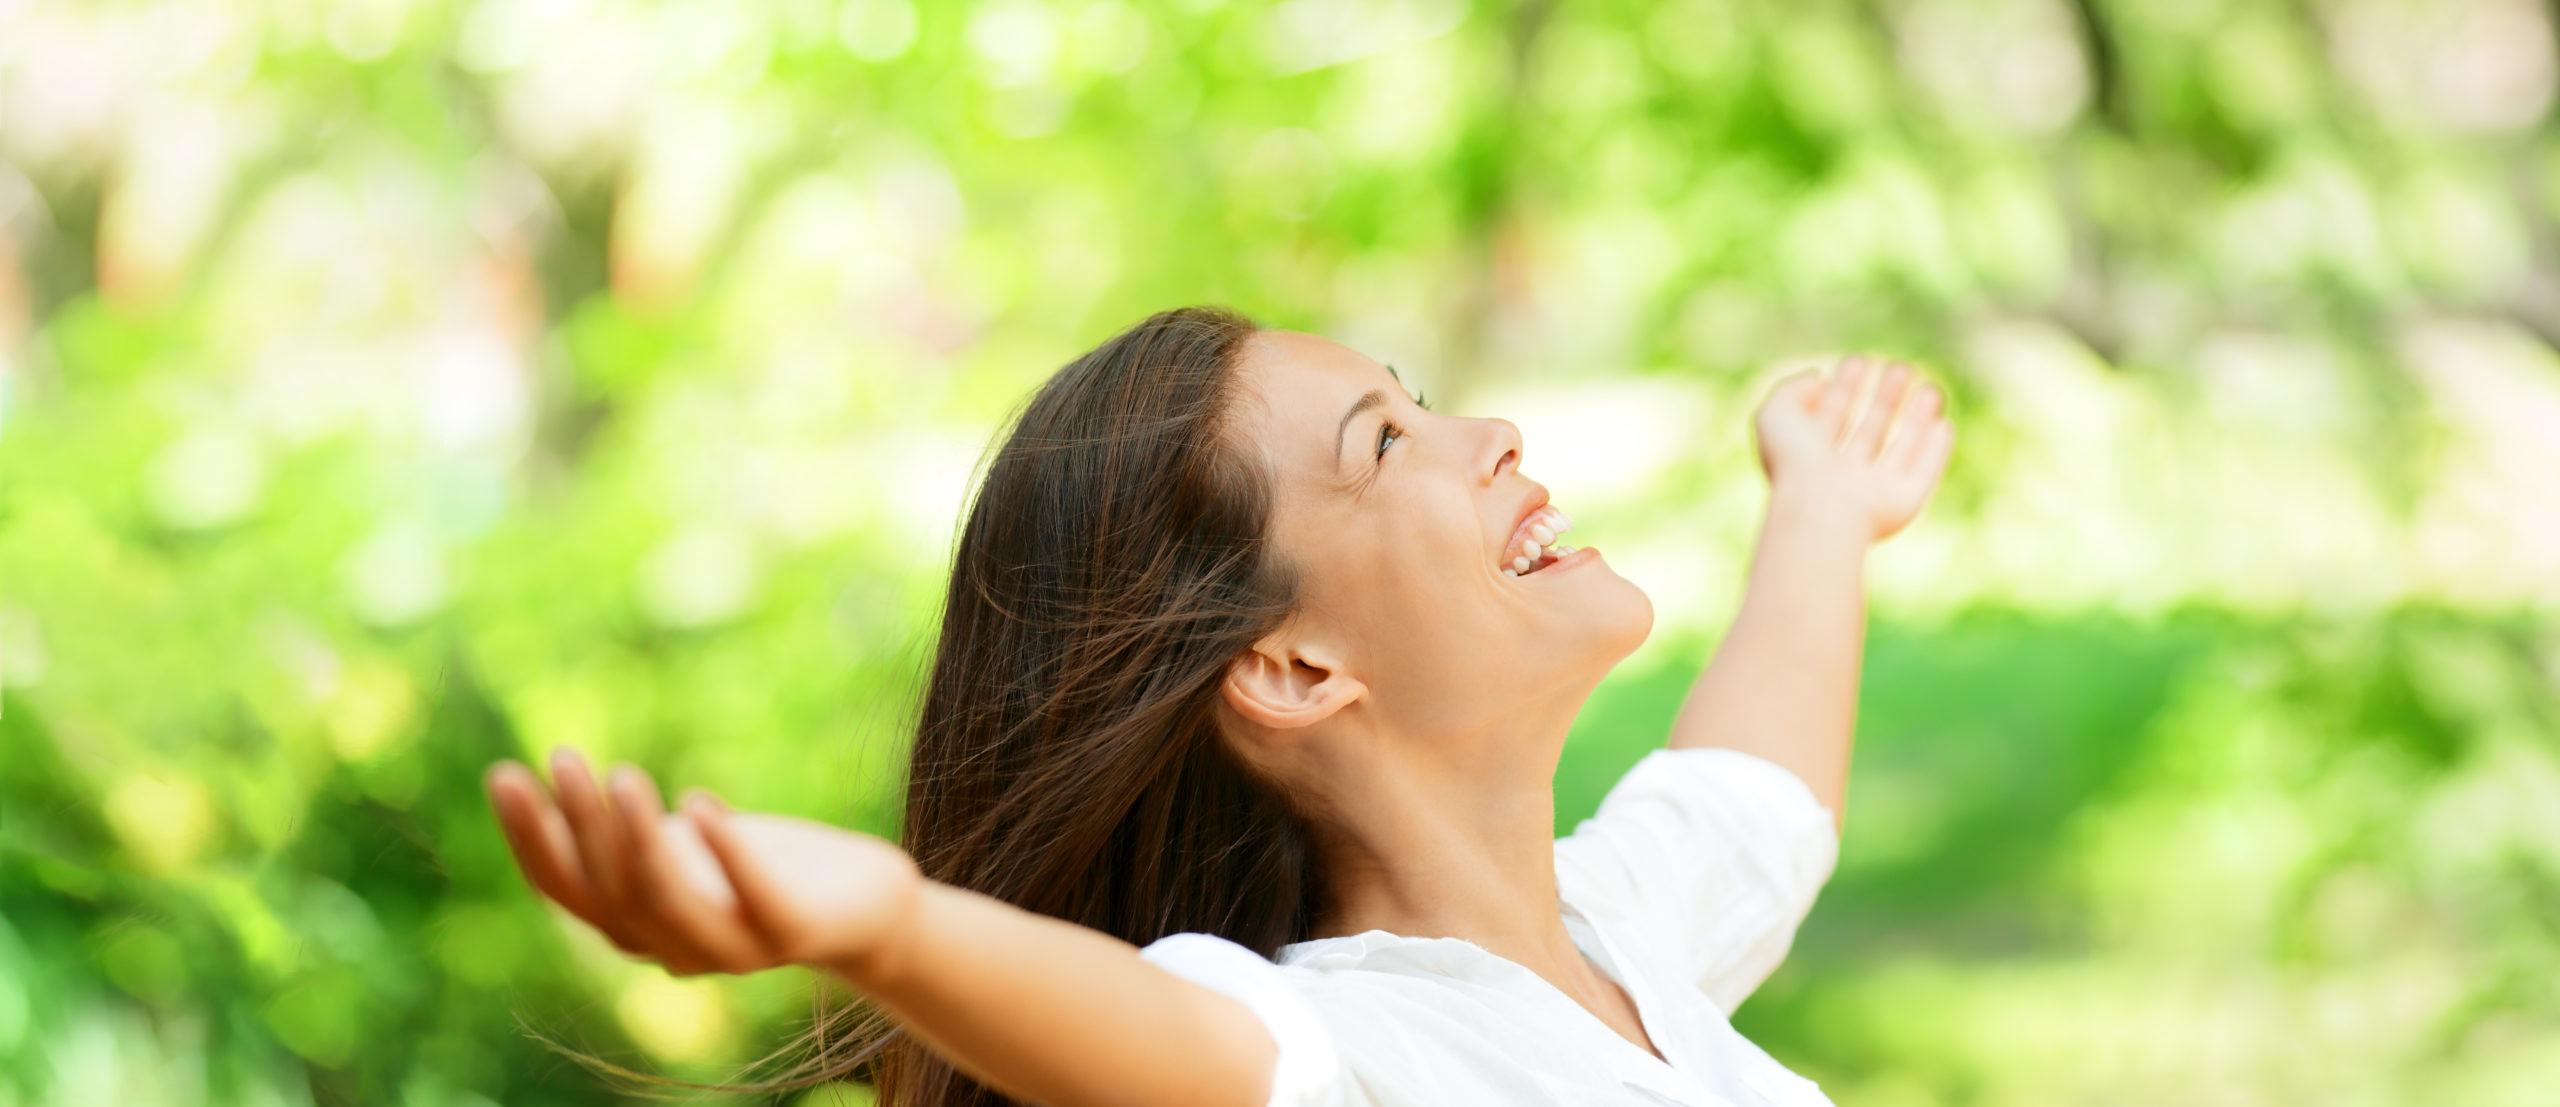 Utilisez la respiration consciente pour contrôler, réguler et changer votre état psychologique, émotionnel et physiologique